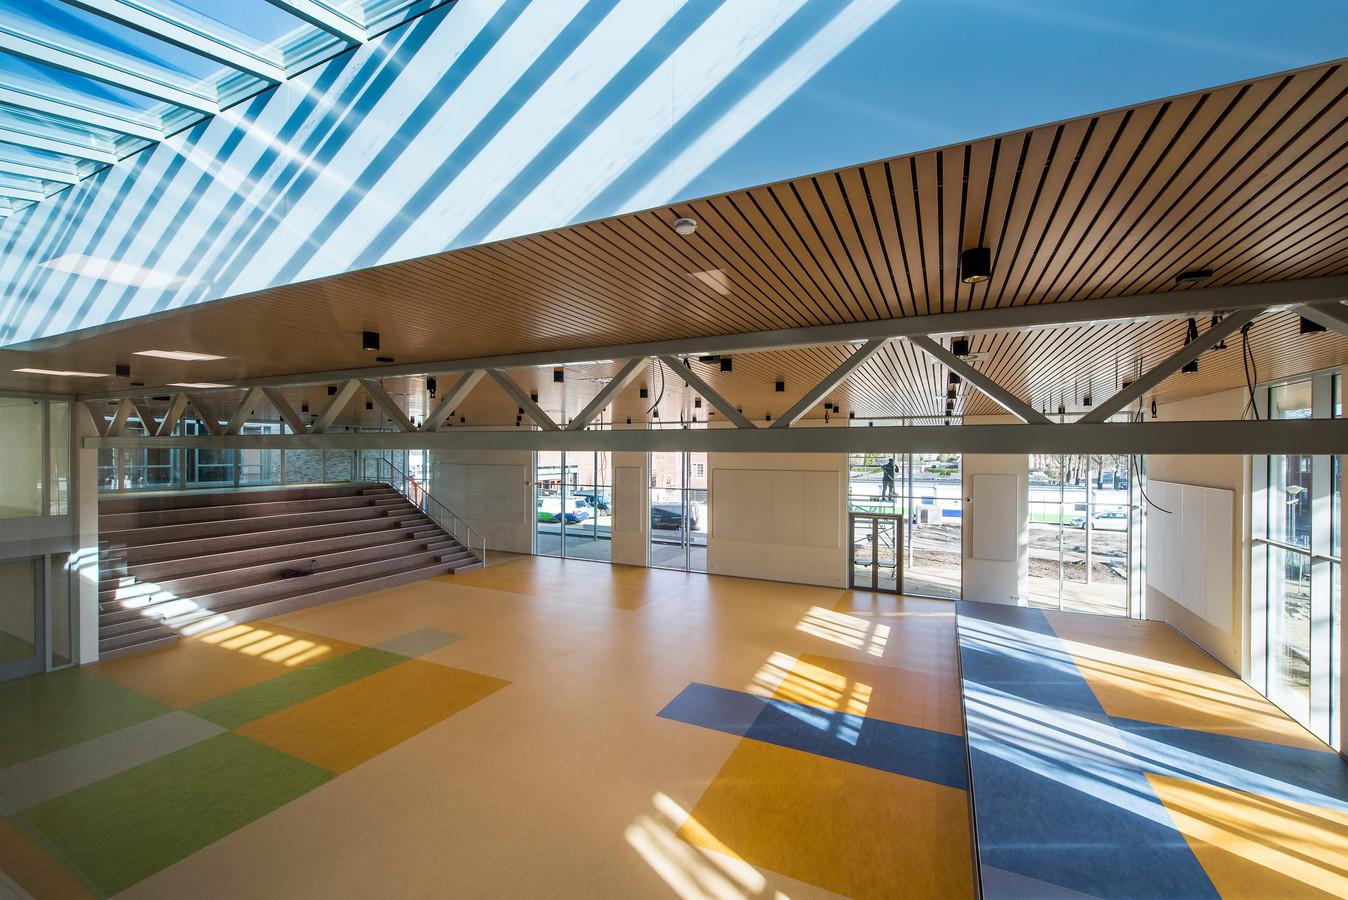 Genoeg ruimte in de nieuwe aula van het Lingecollege.